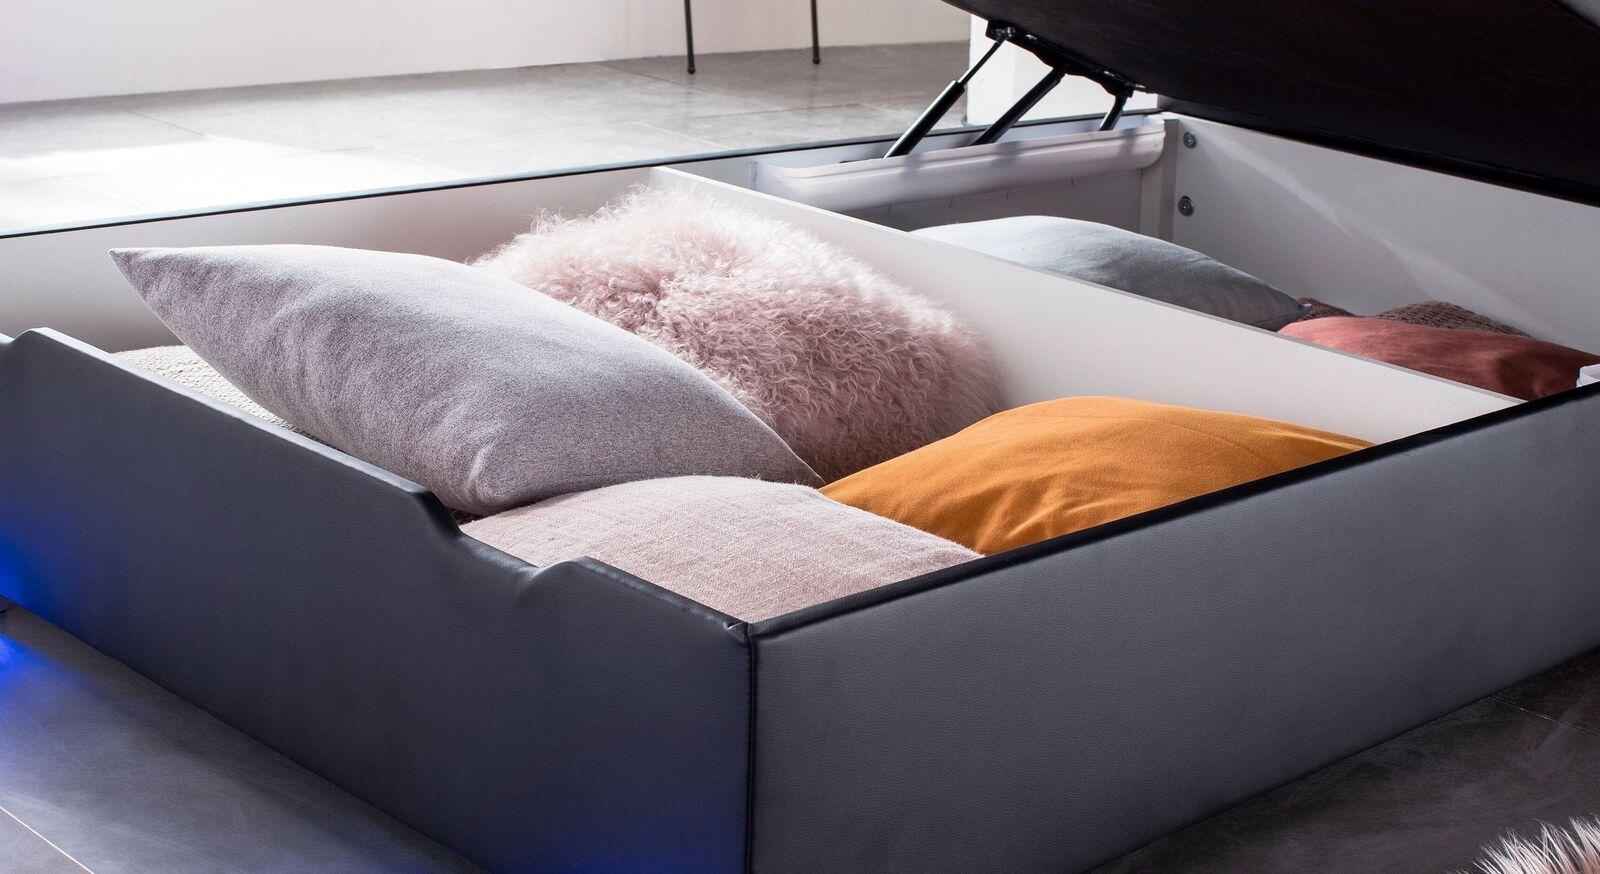 Bettkasten-Boxspringbett Andrik mit geteiltem Stauraum